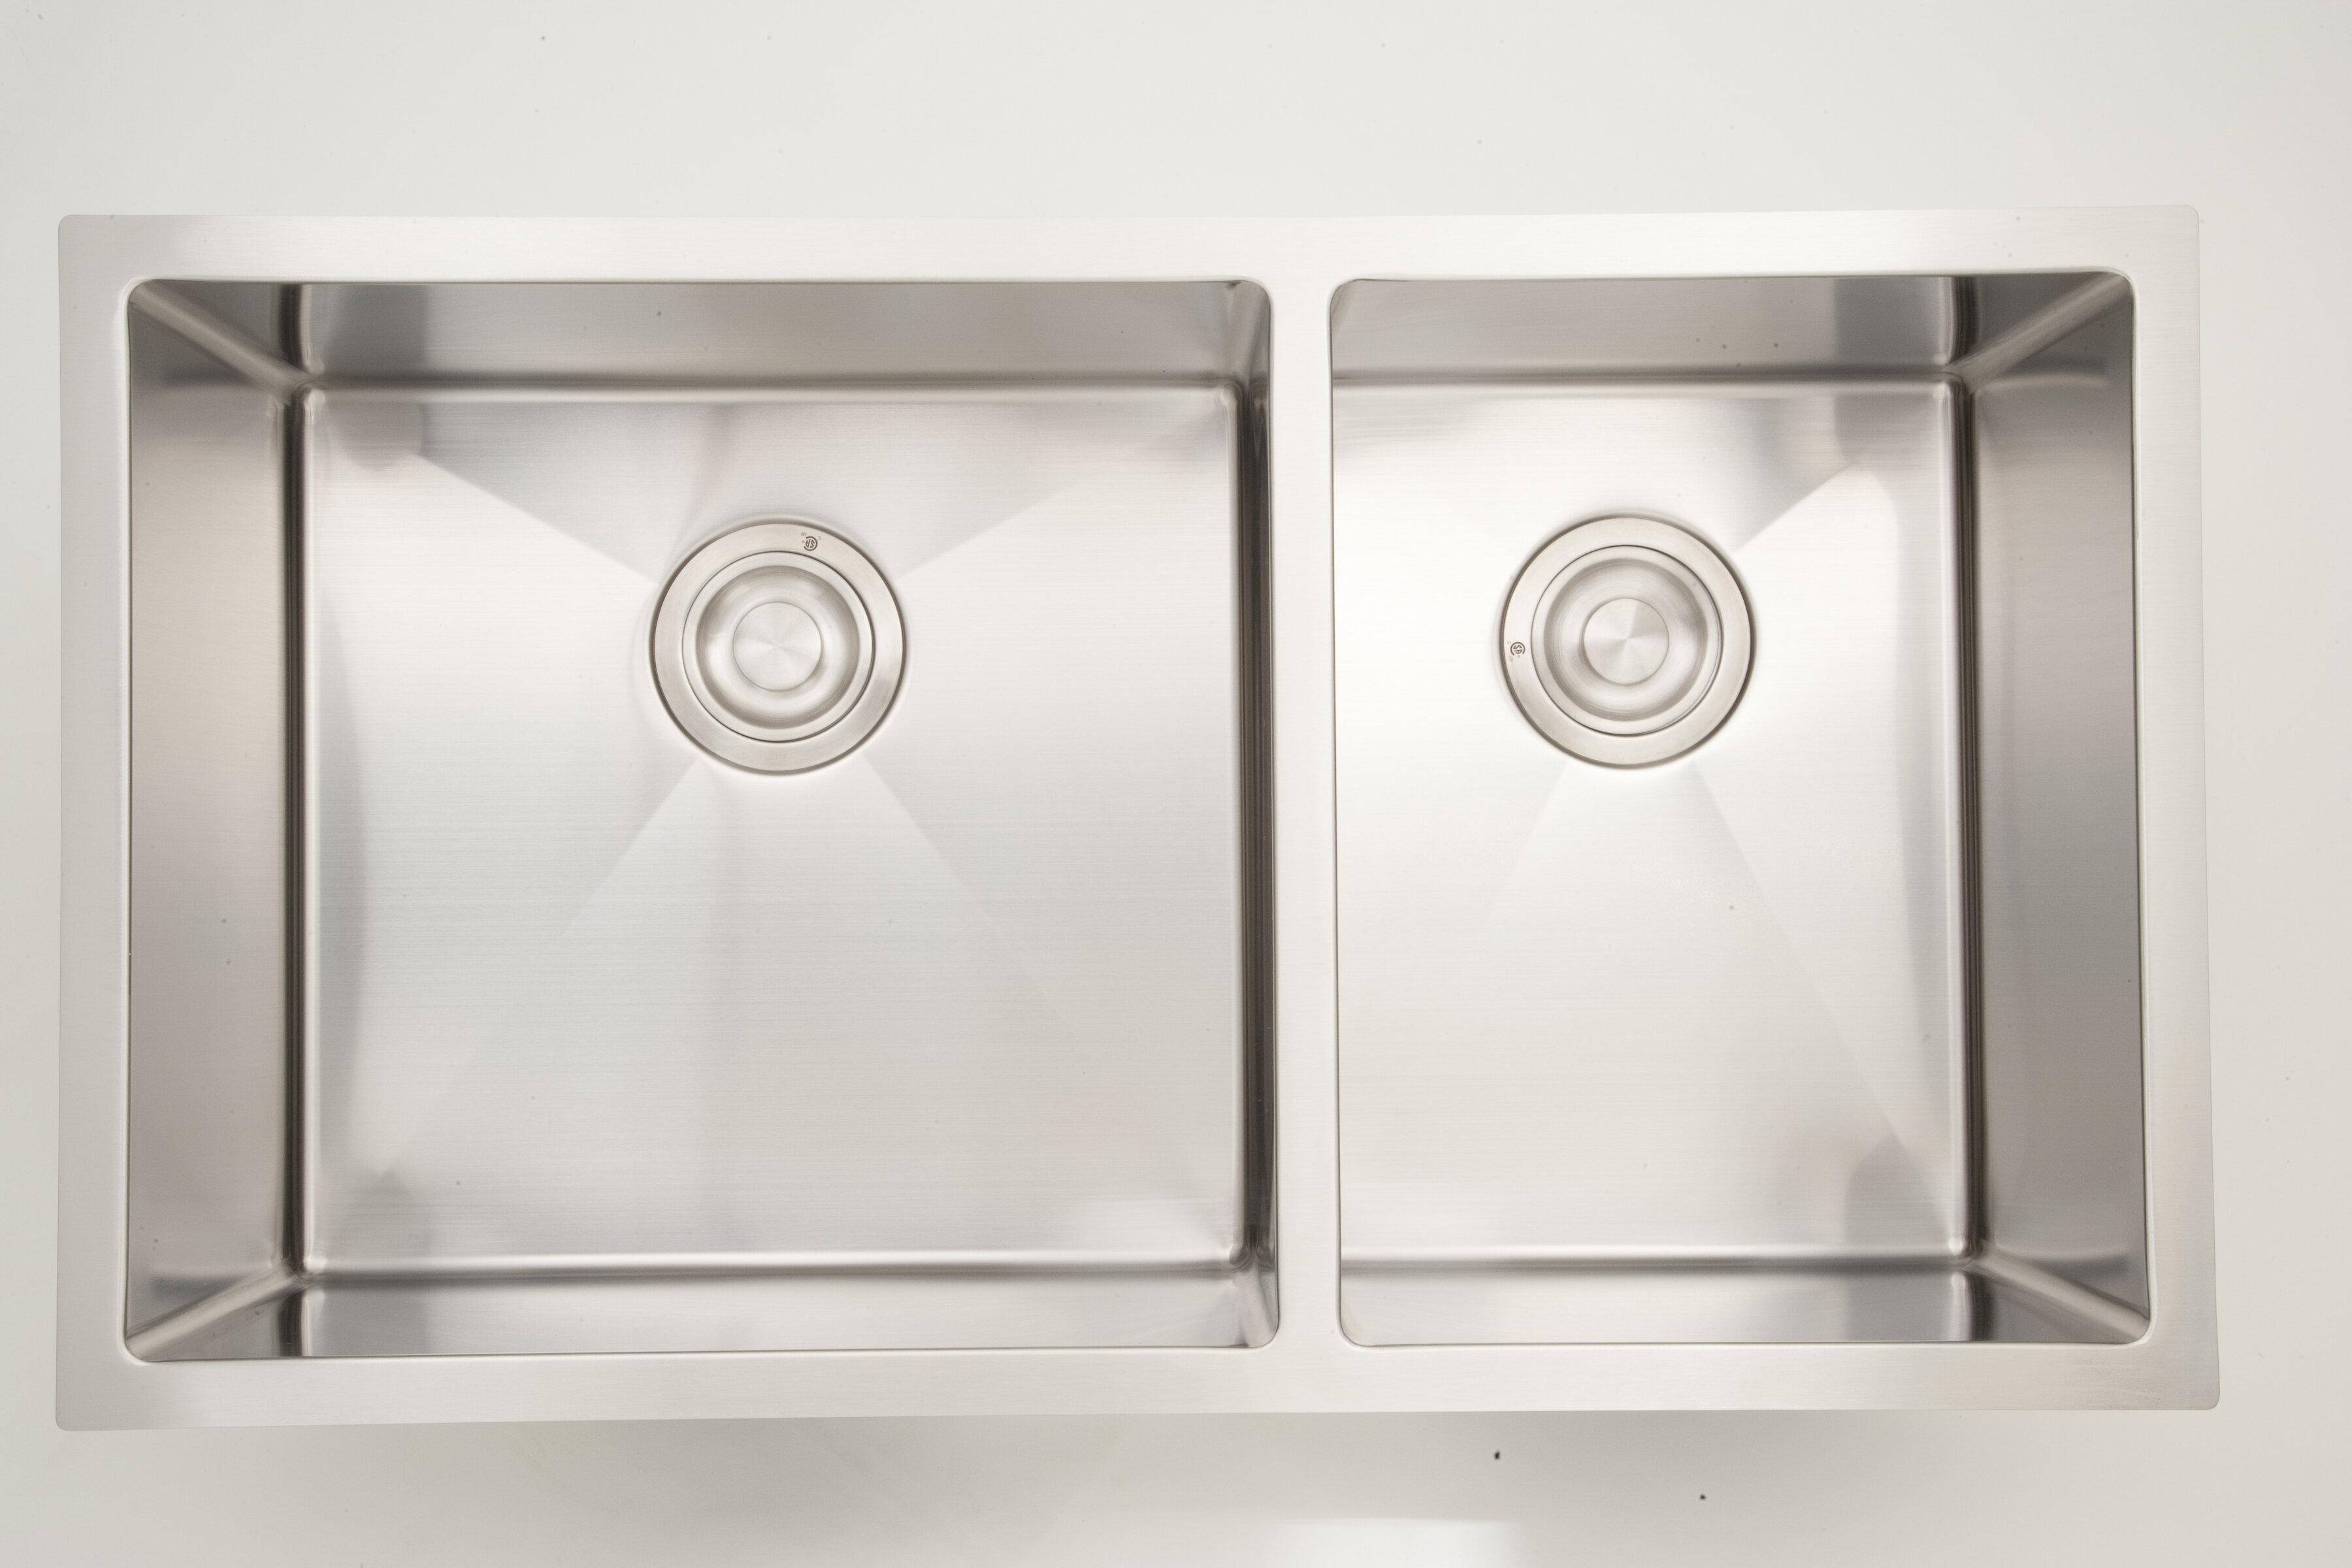 Double Basin Undermount Kitchen